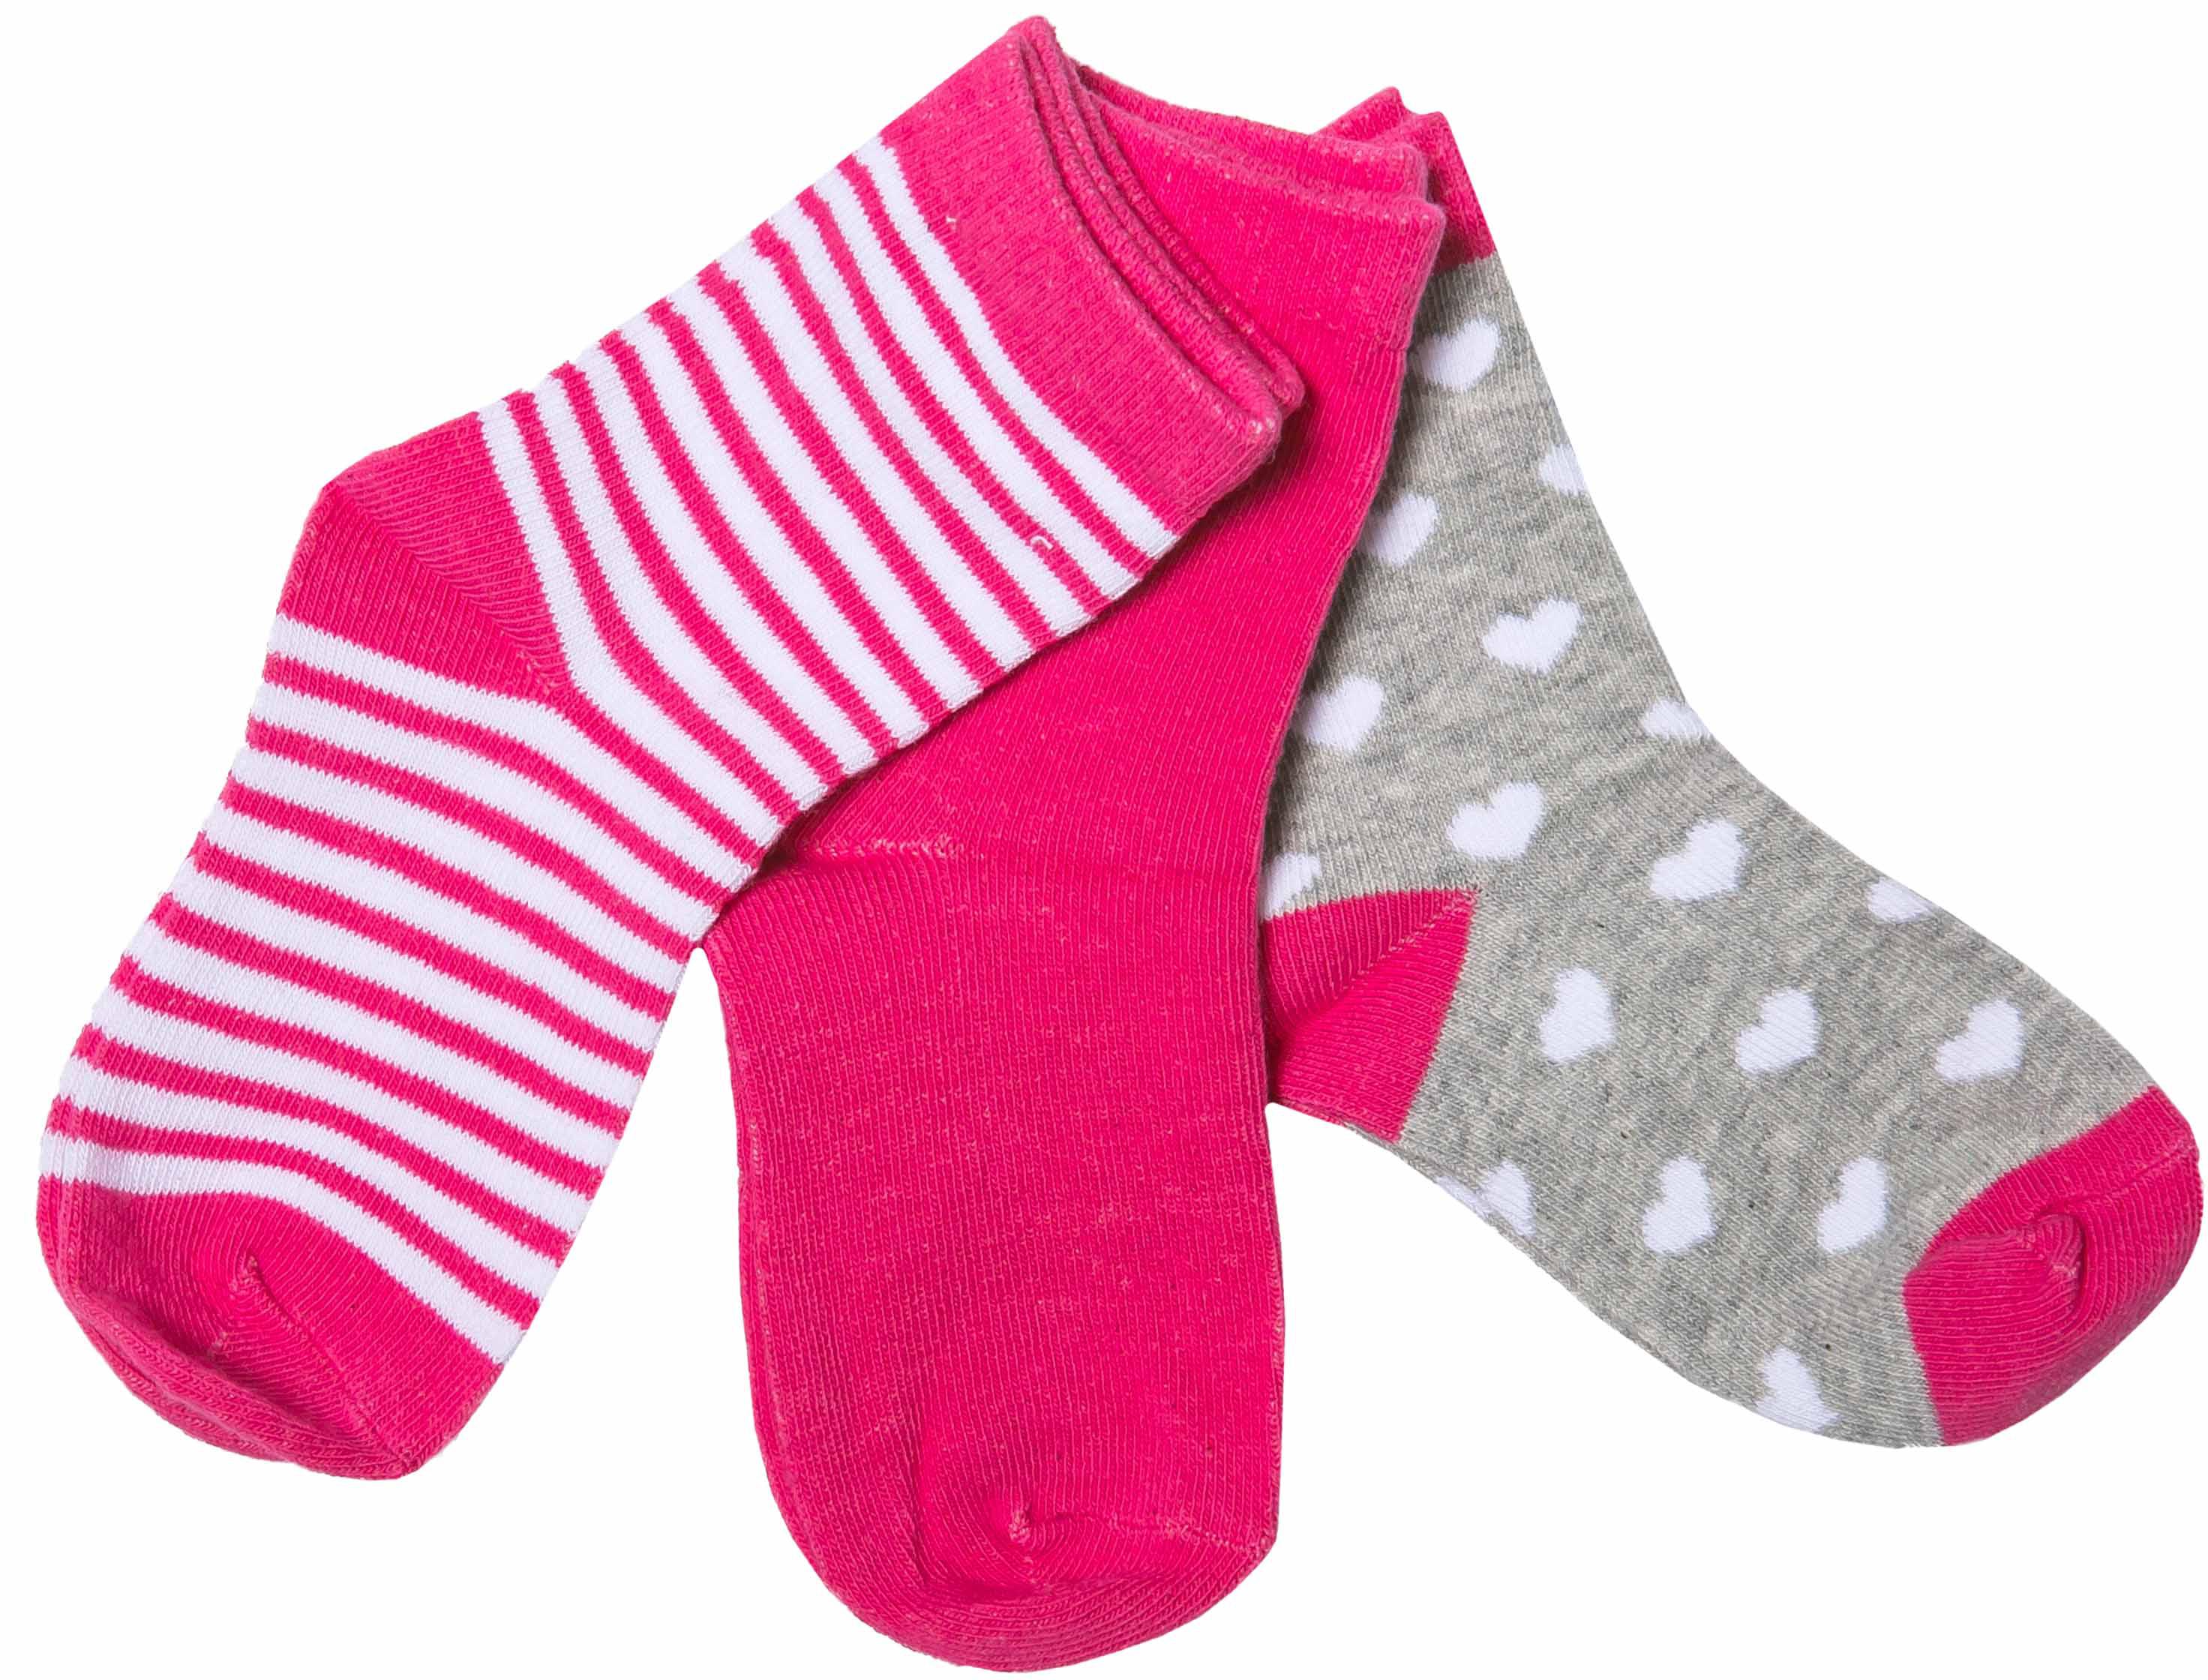 Купить Носки для девочки Barkito, комплект 3 пары, серые с рисунком, малиновые, малиновые с рисунком в полоску, Китай, серый с рисунком, малиновый, малиновый с рисунком в полоску, Женский